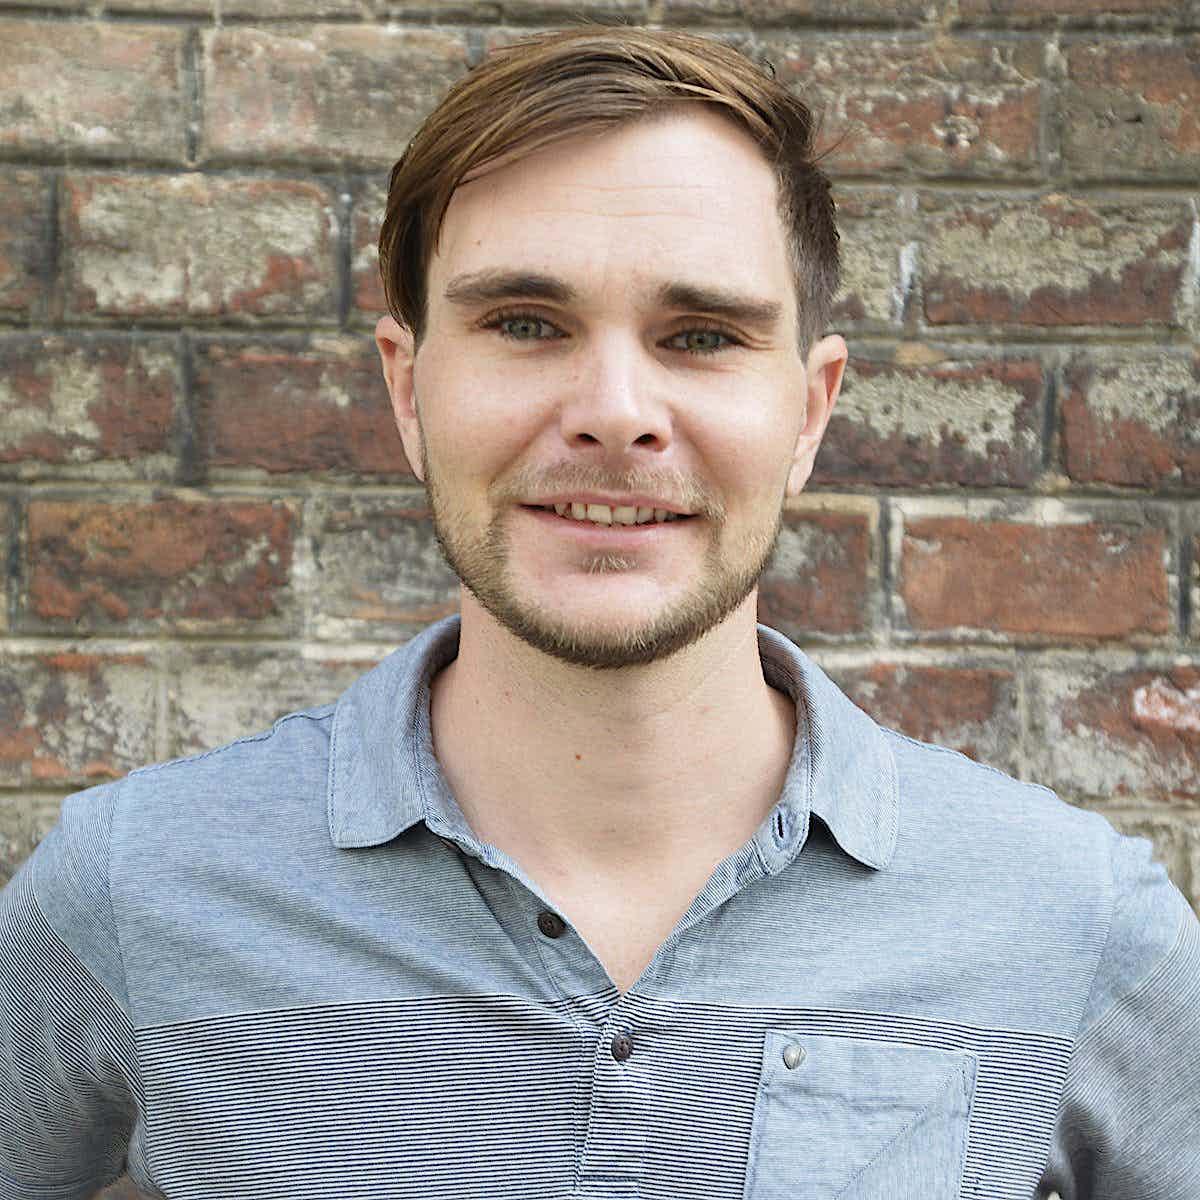 Der Autor dieses Textes heißt Matthias Hauer. Er ist Produktmanager bei ready2order.